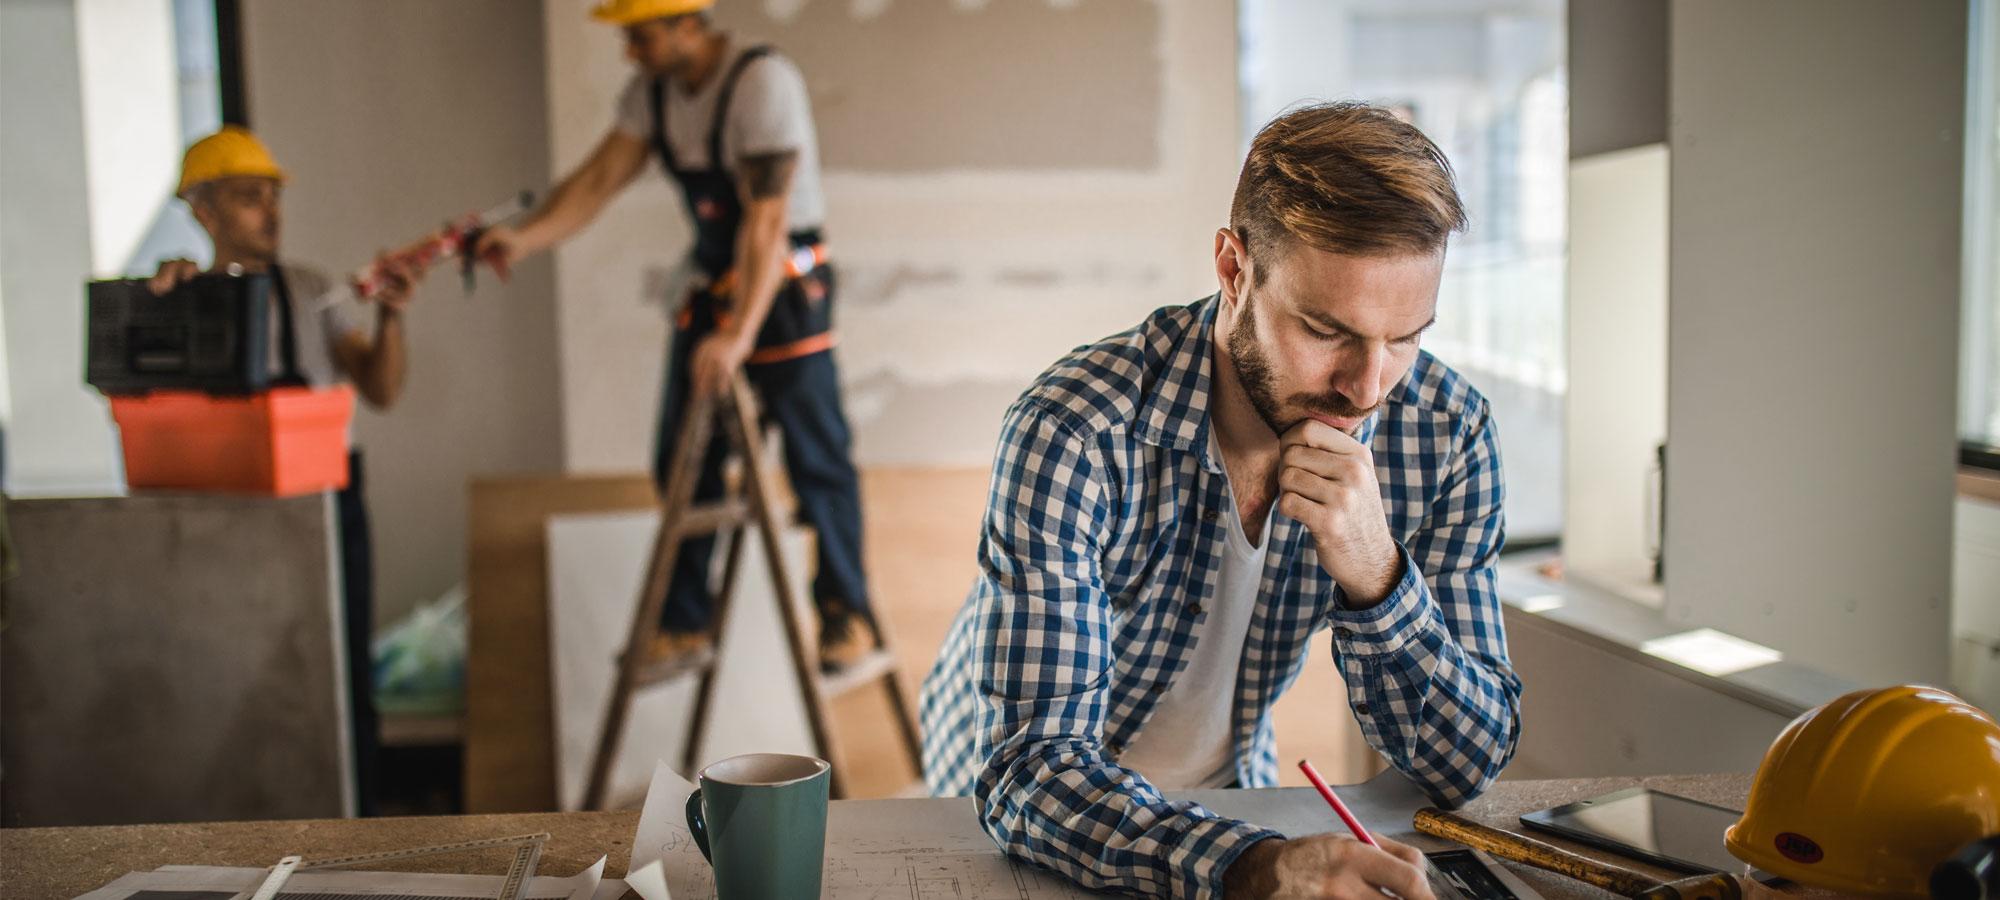 Arbeider som bygger en bolig